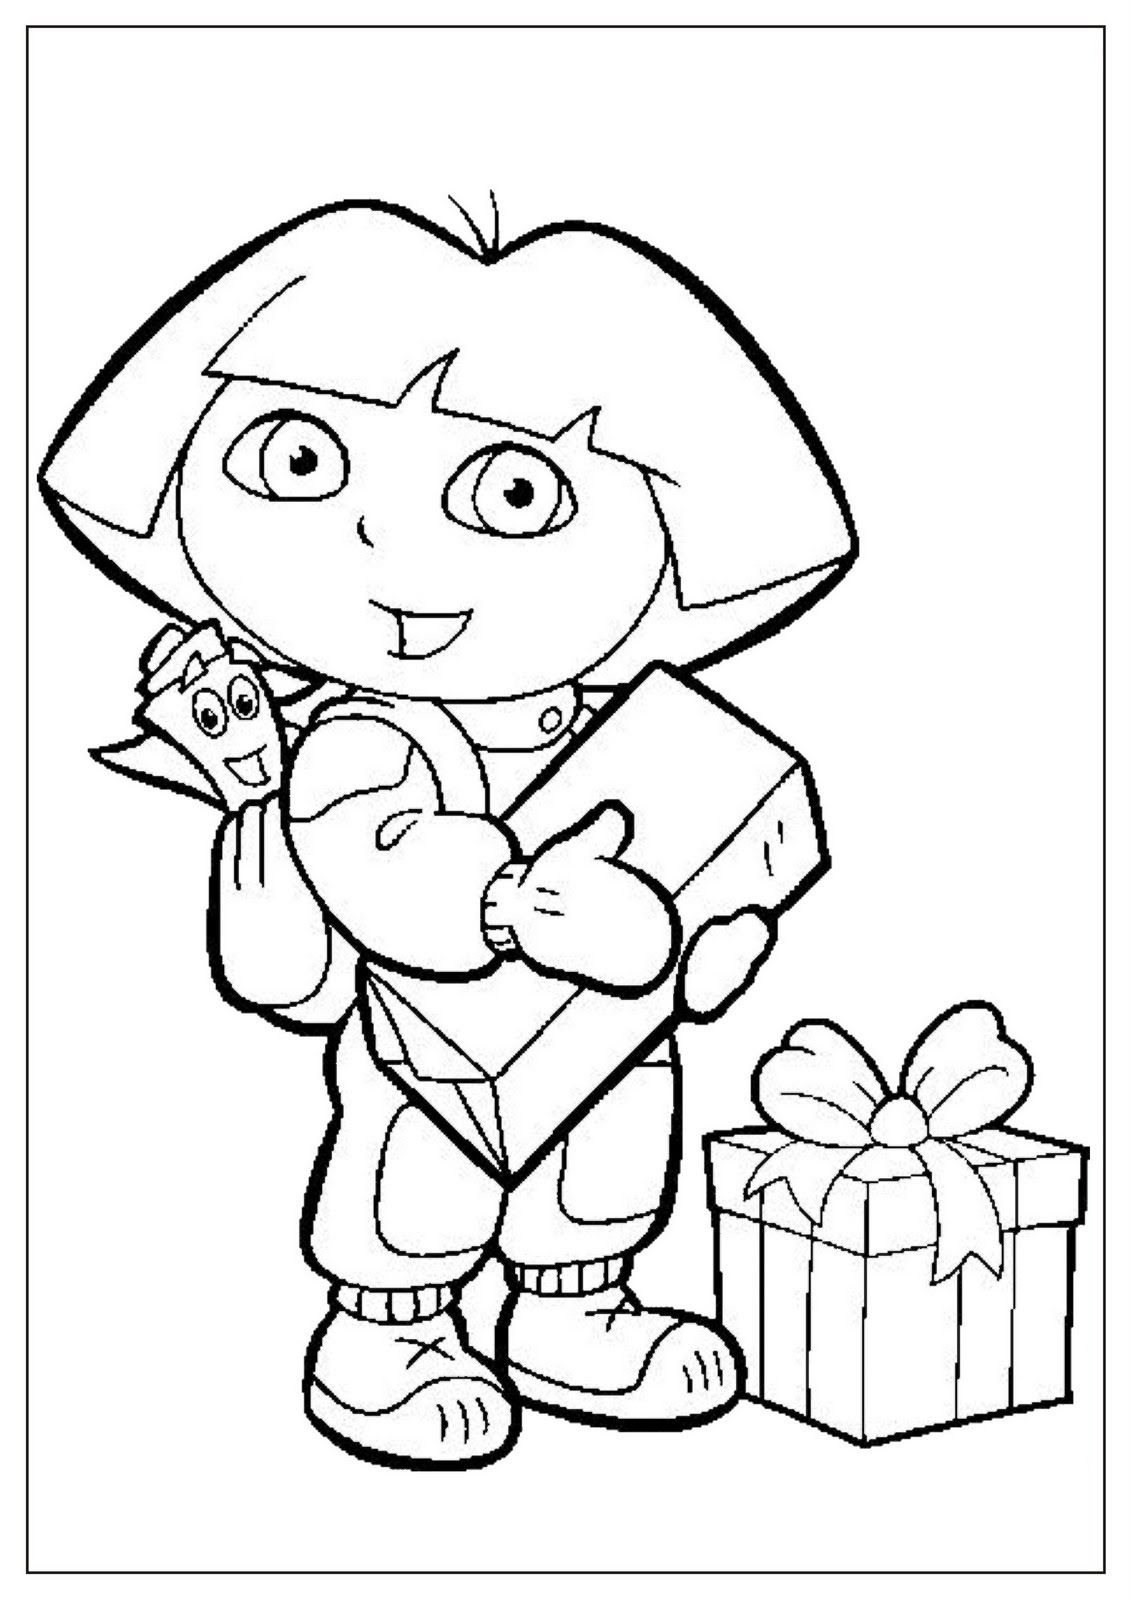 Dibujo Para Colorear De Dora La Exploradora Con Mochila Y